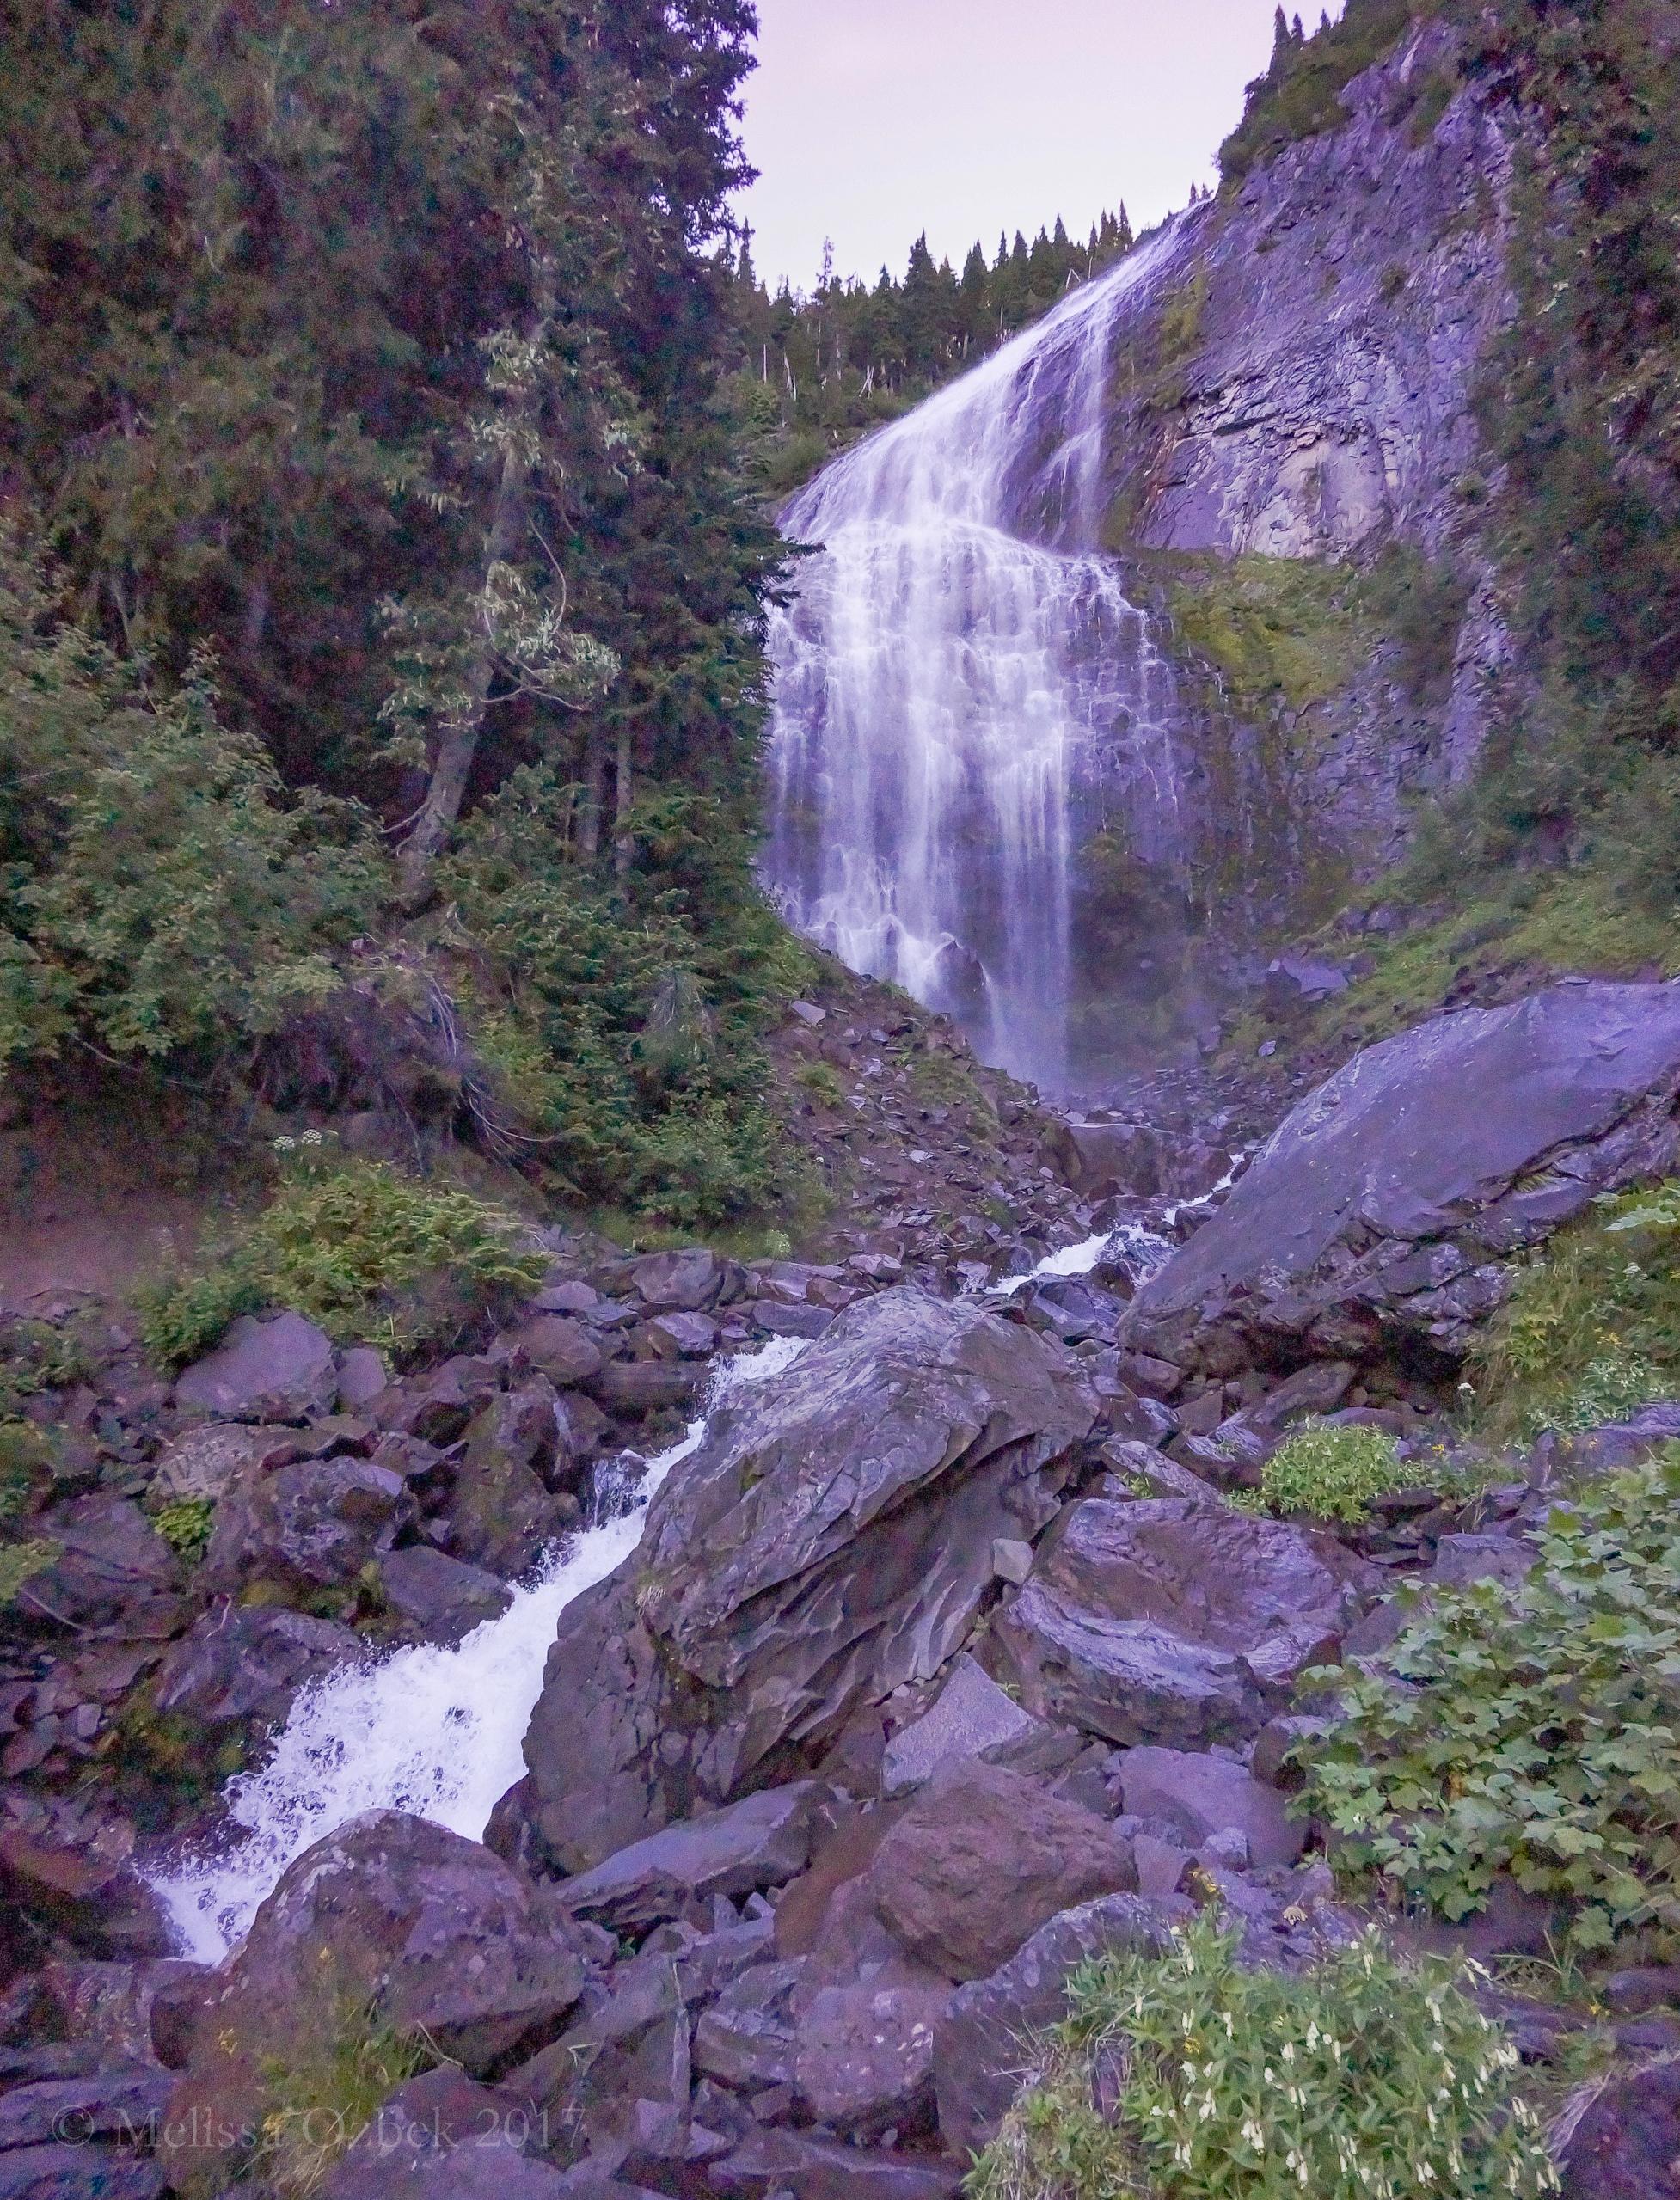 2. Spray Falls